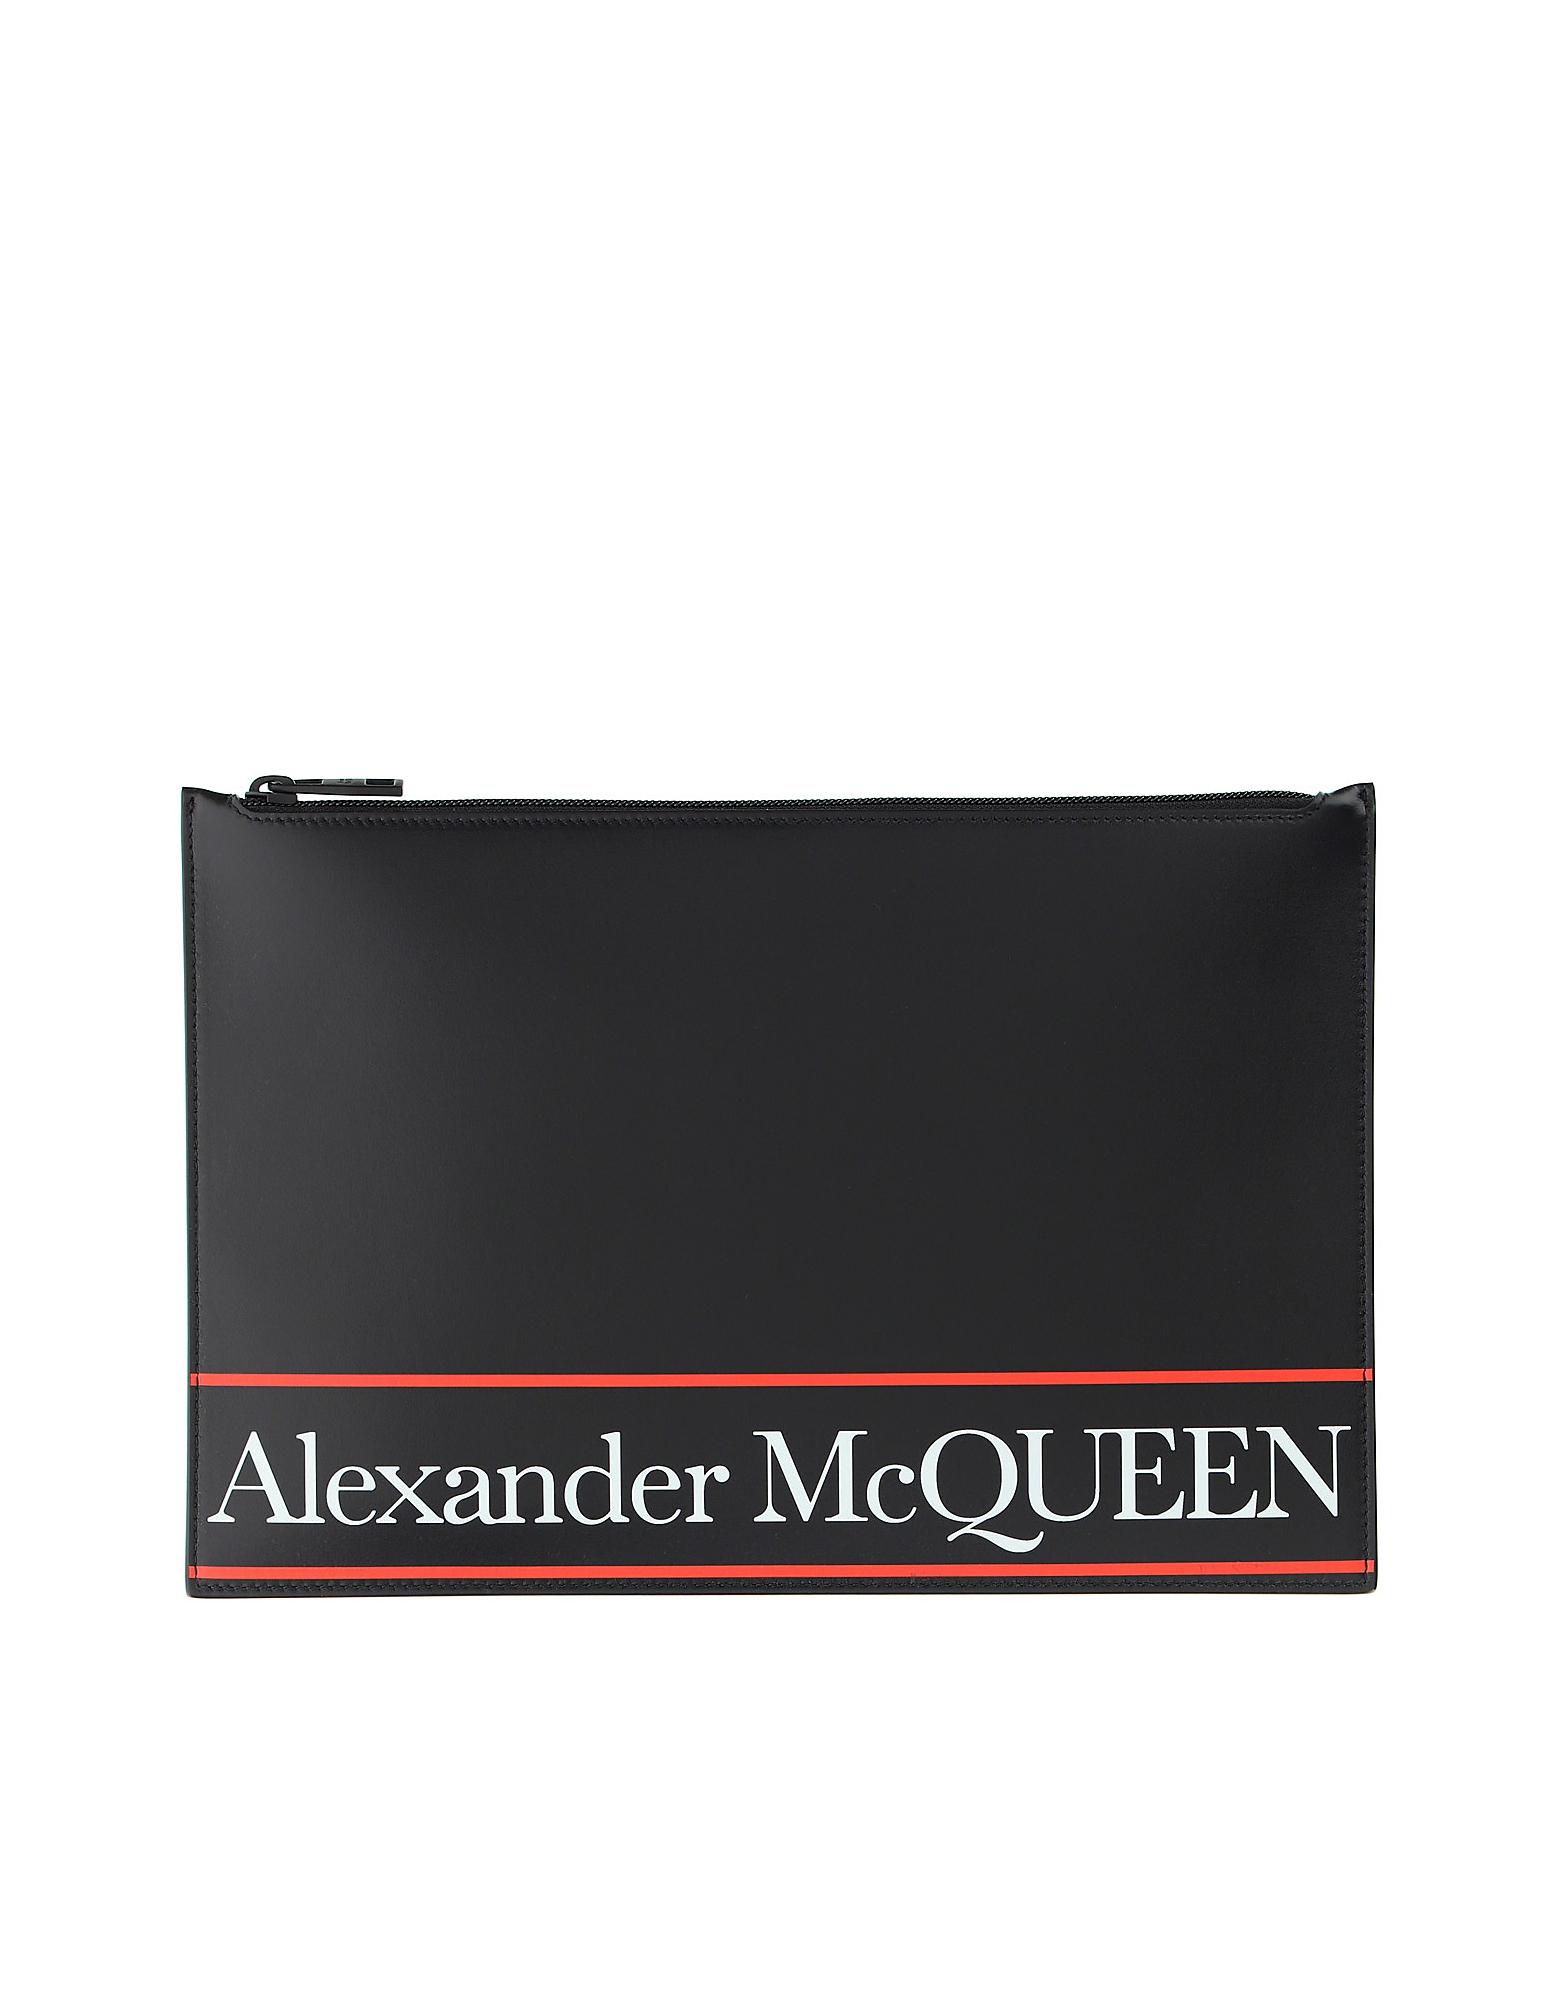 Alexander McQueen Designer Men's Bags, Black & Red Signature Wallet Clutch